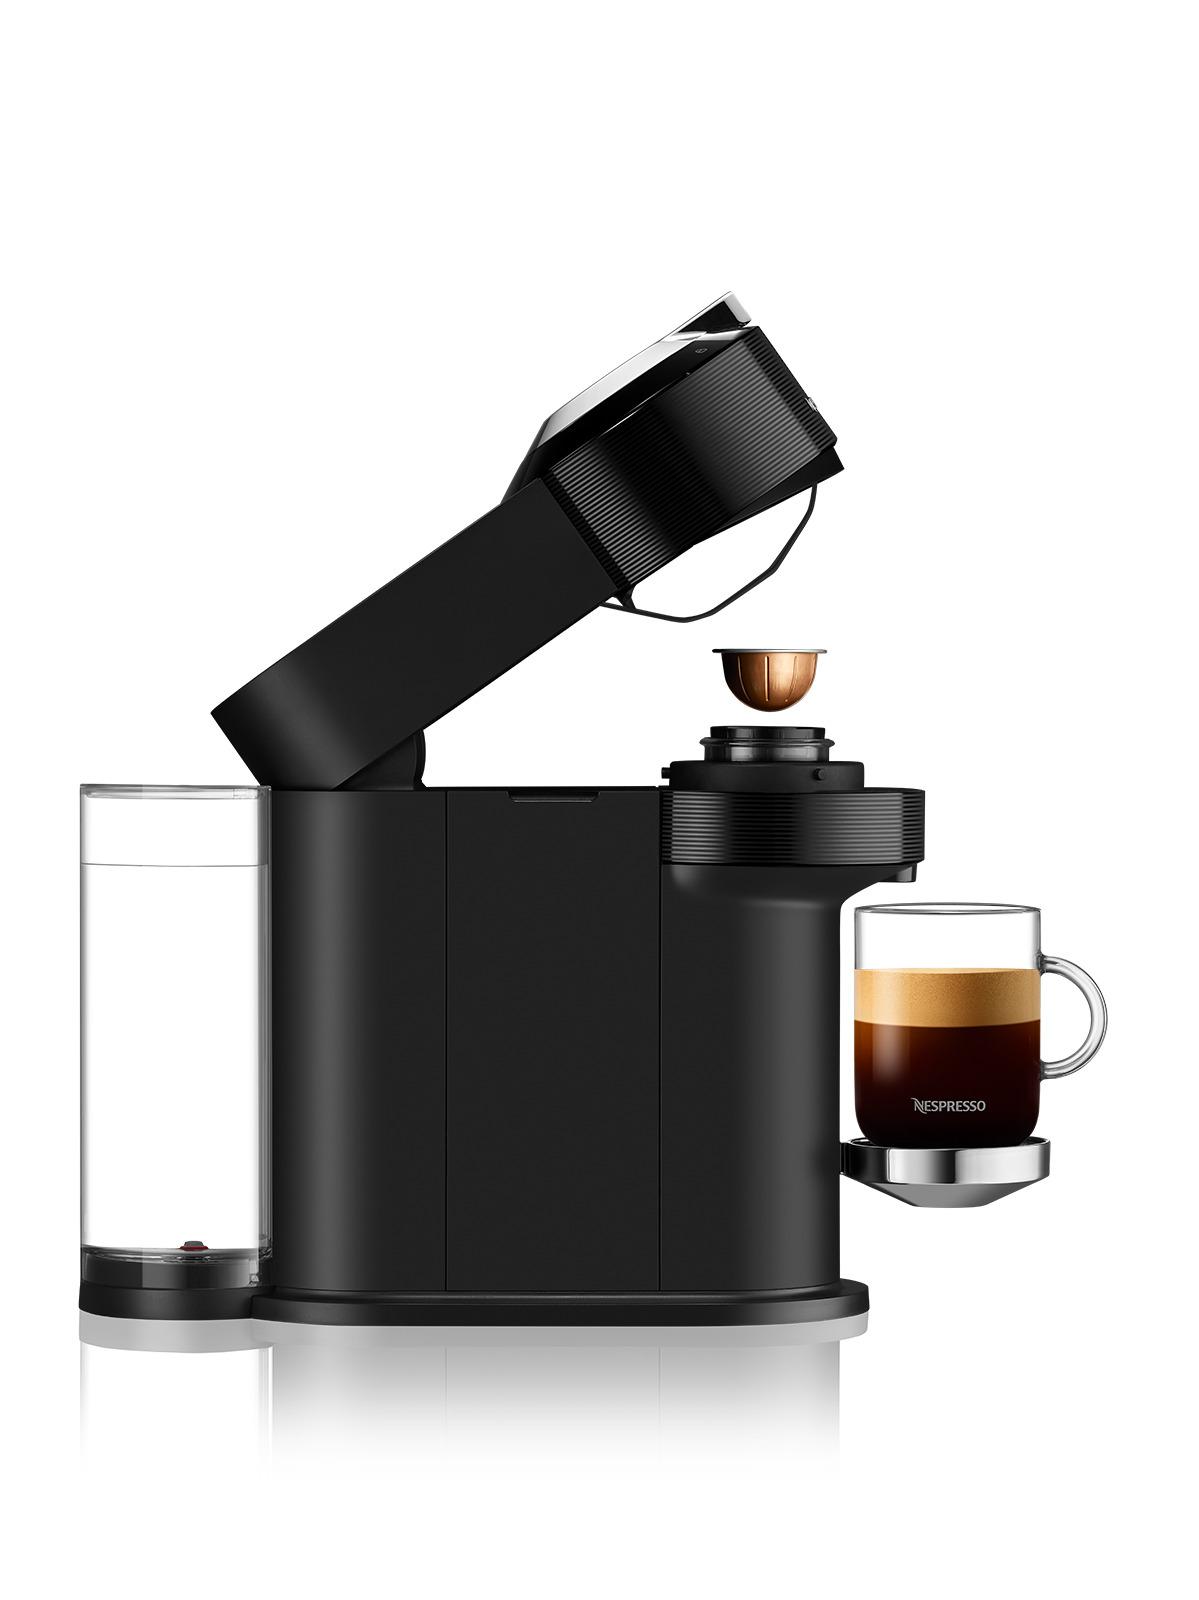 מכונת קפה NESPRESSO VertuoNext GCV1 שחור נספרסו - תמונה 4